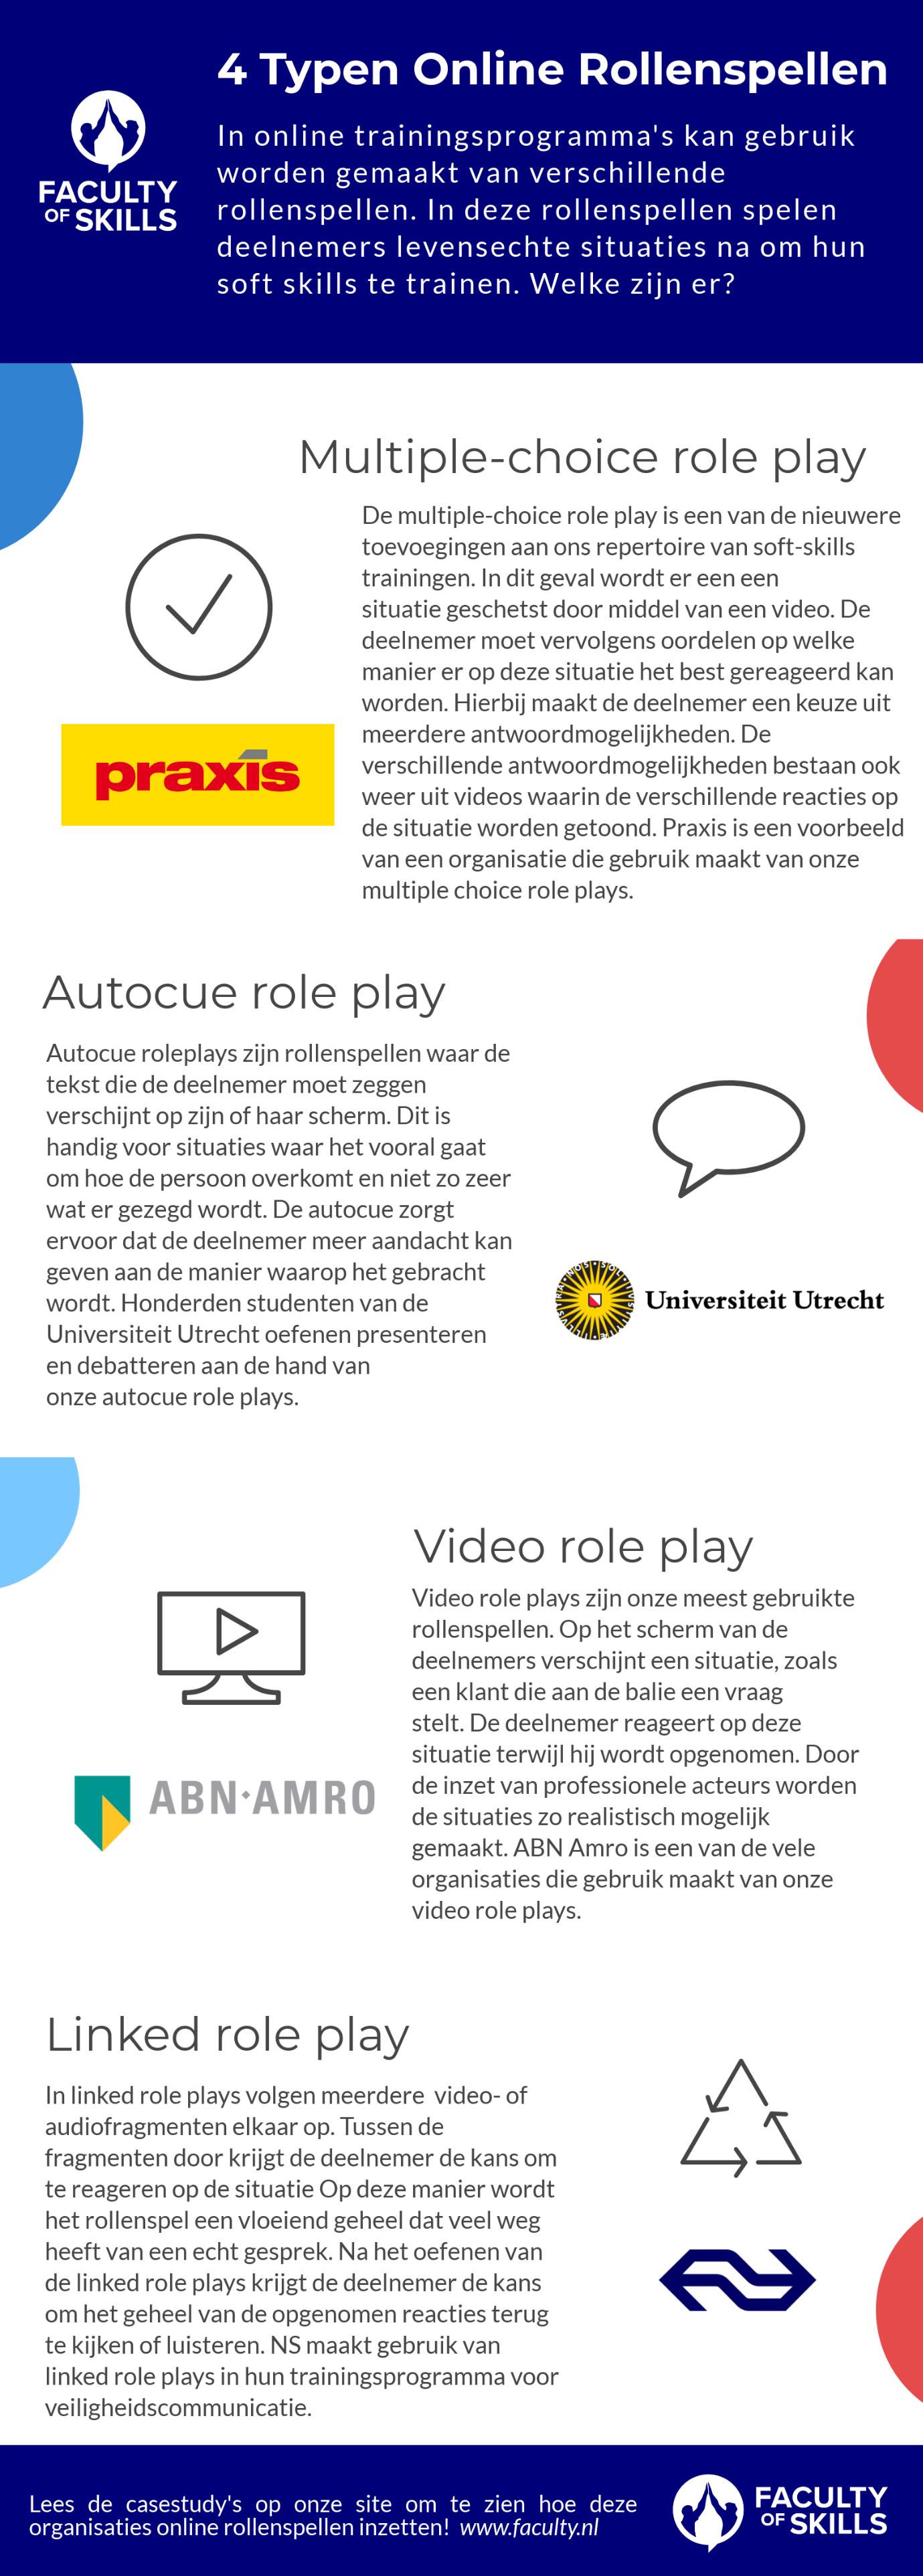 4 typen online rollenspellen infographic fos def